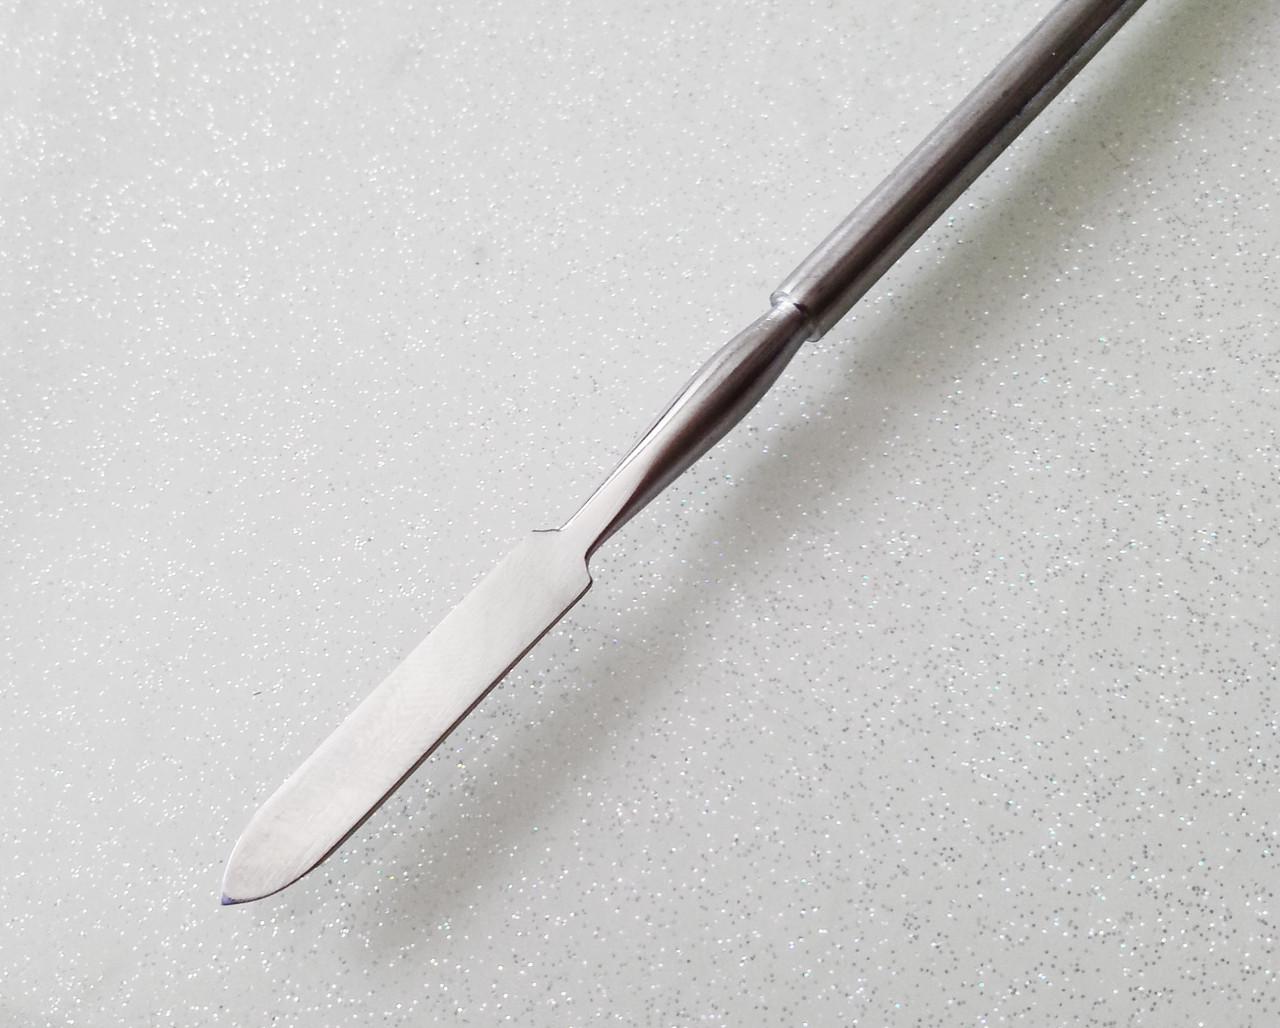 Инструмент металл для тонкой лепки, стоматологии, лопатка, нержавейка, 2-стор.